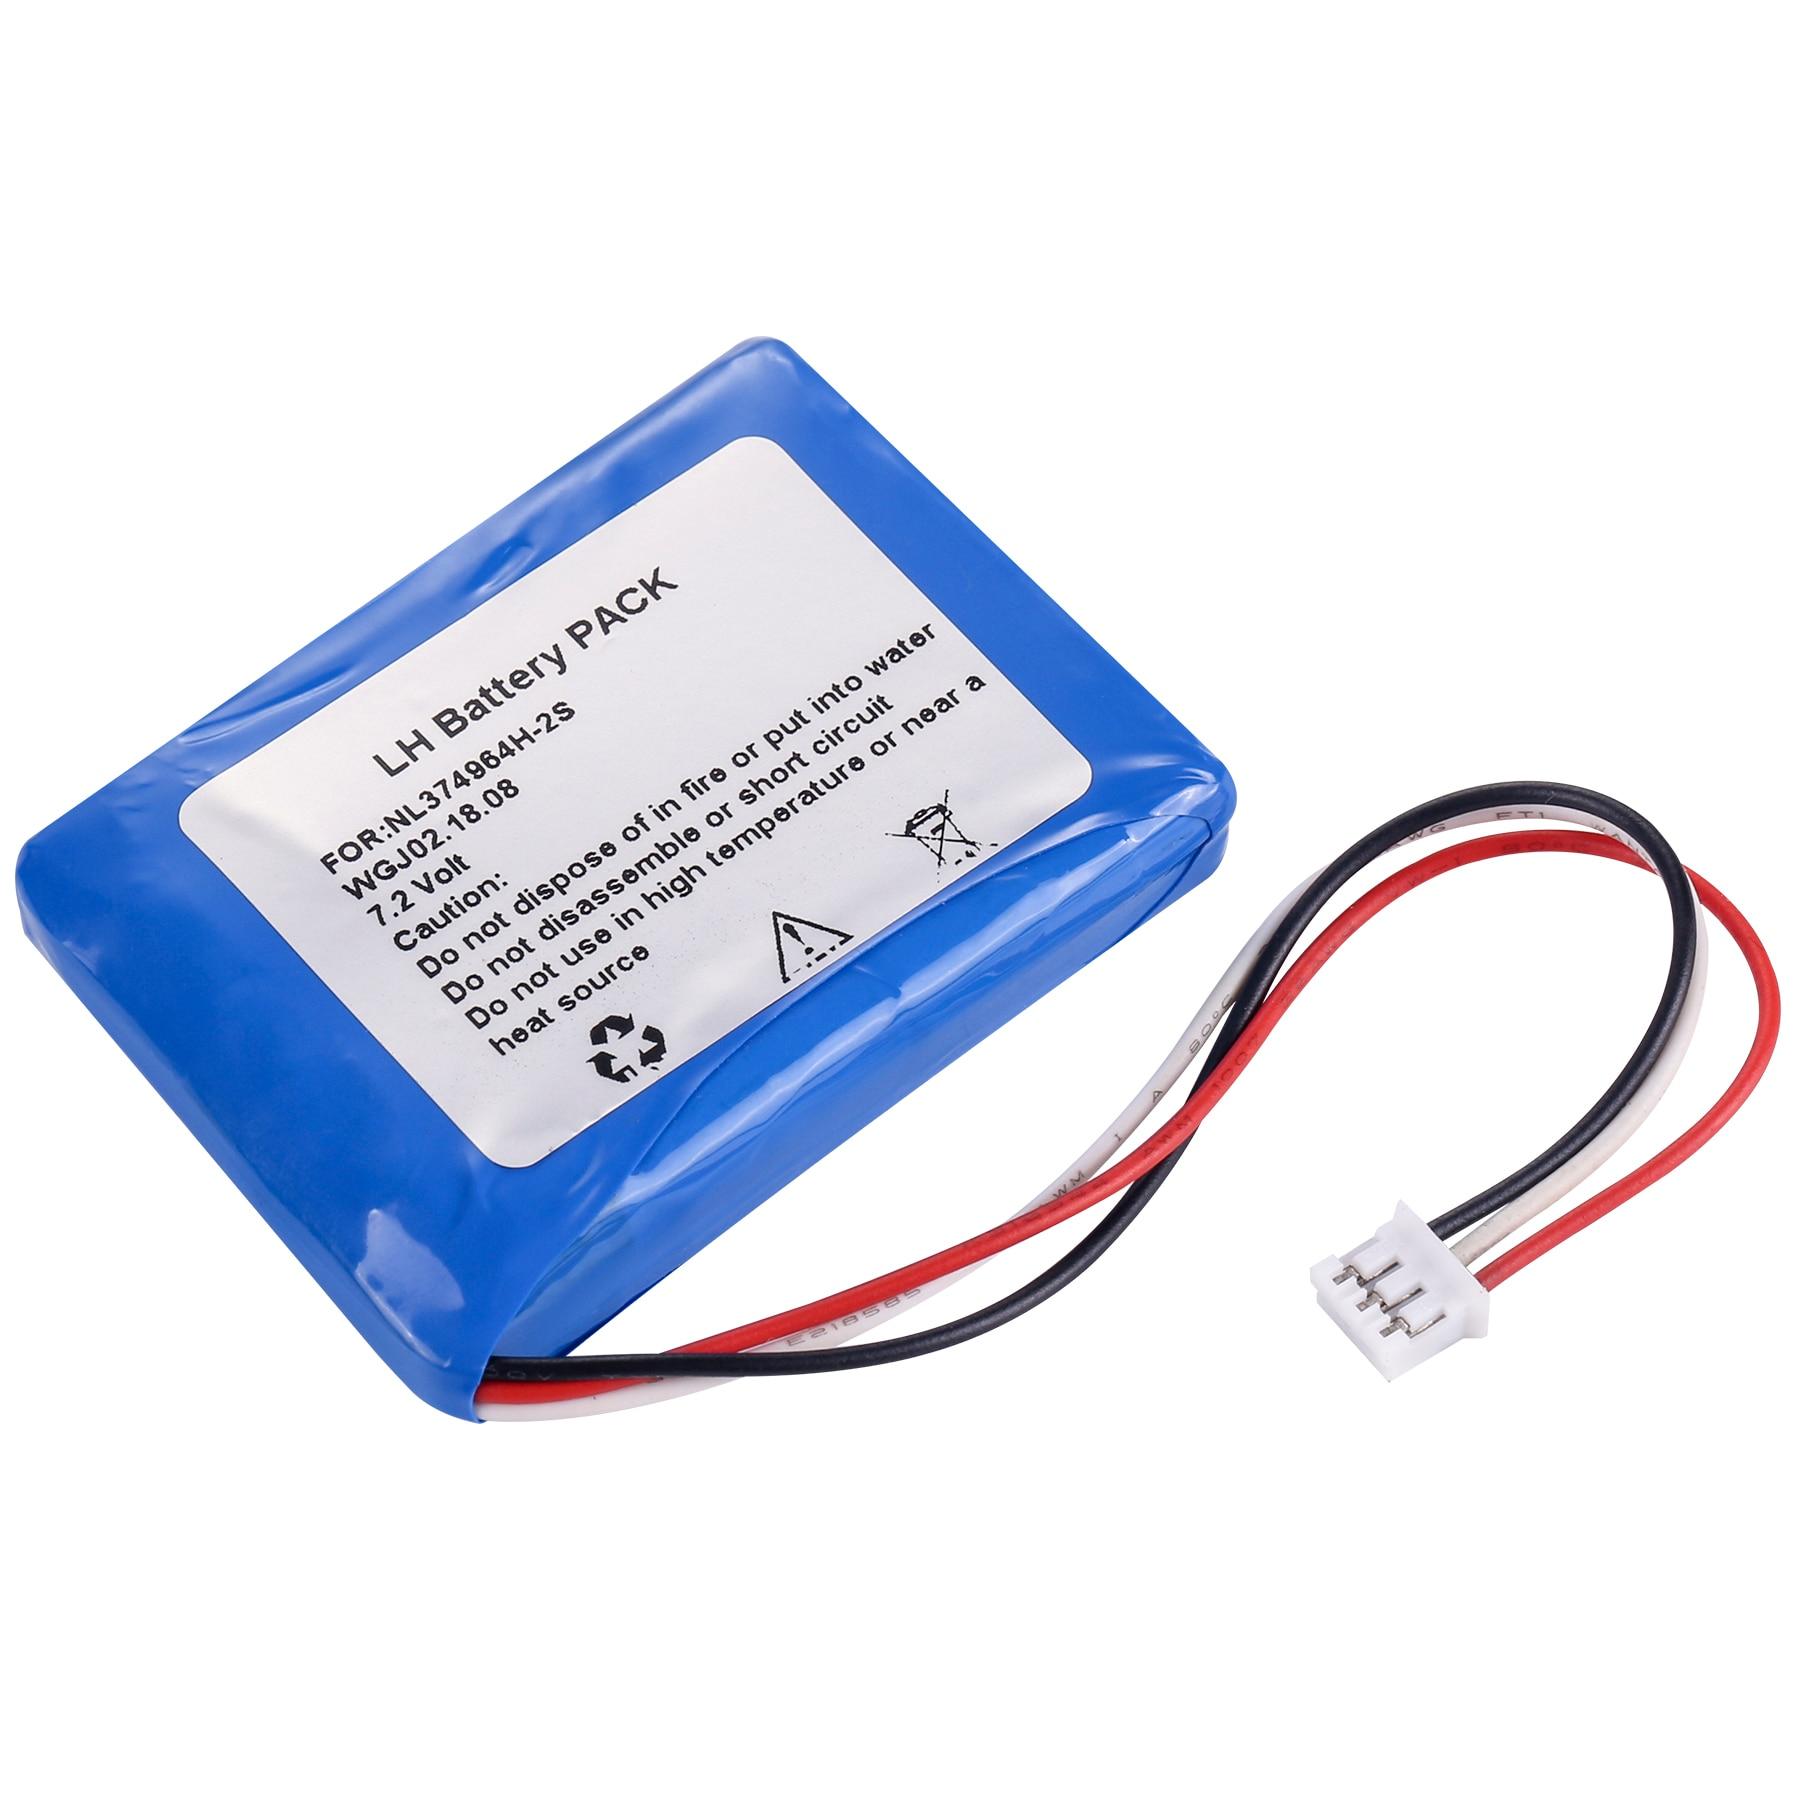 Высококачественный NL374964H-2S аккумулятор для замены NL374964H-2S аккумулятор OTDR